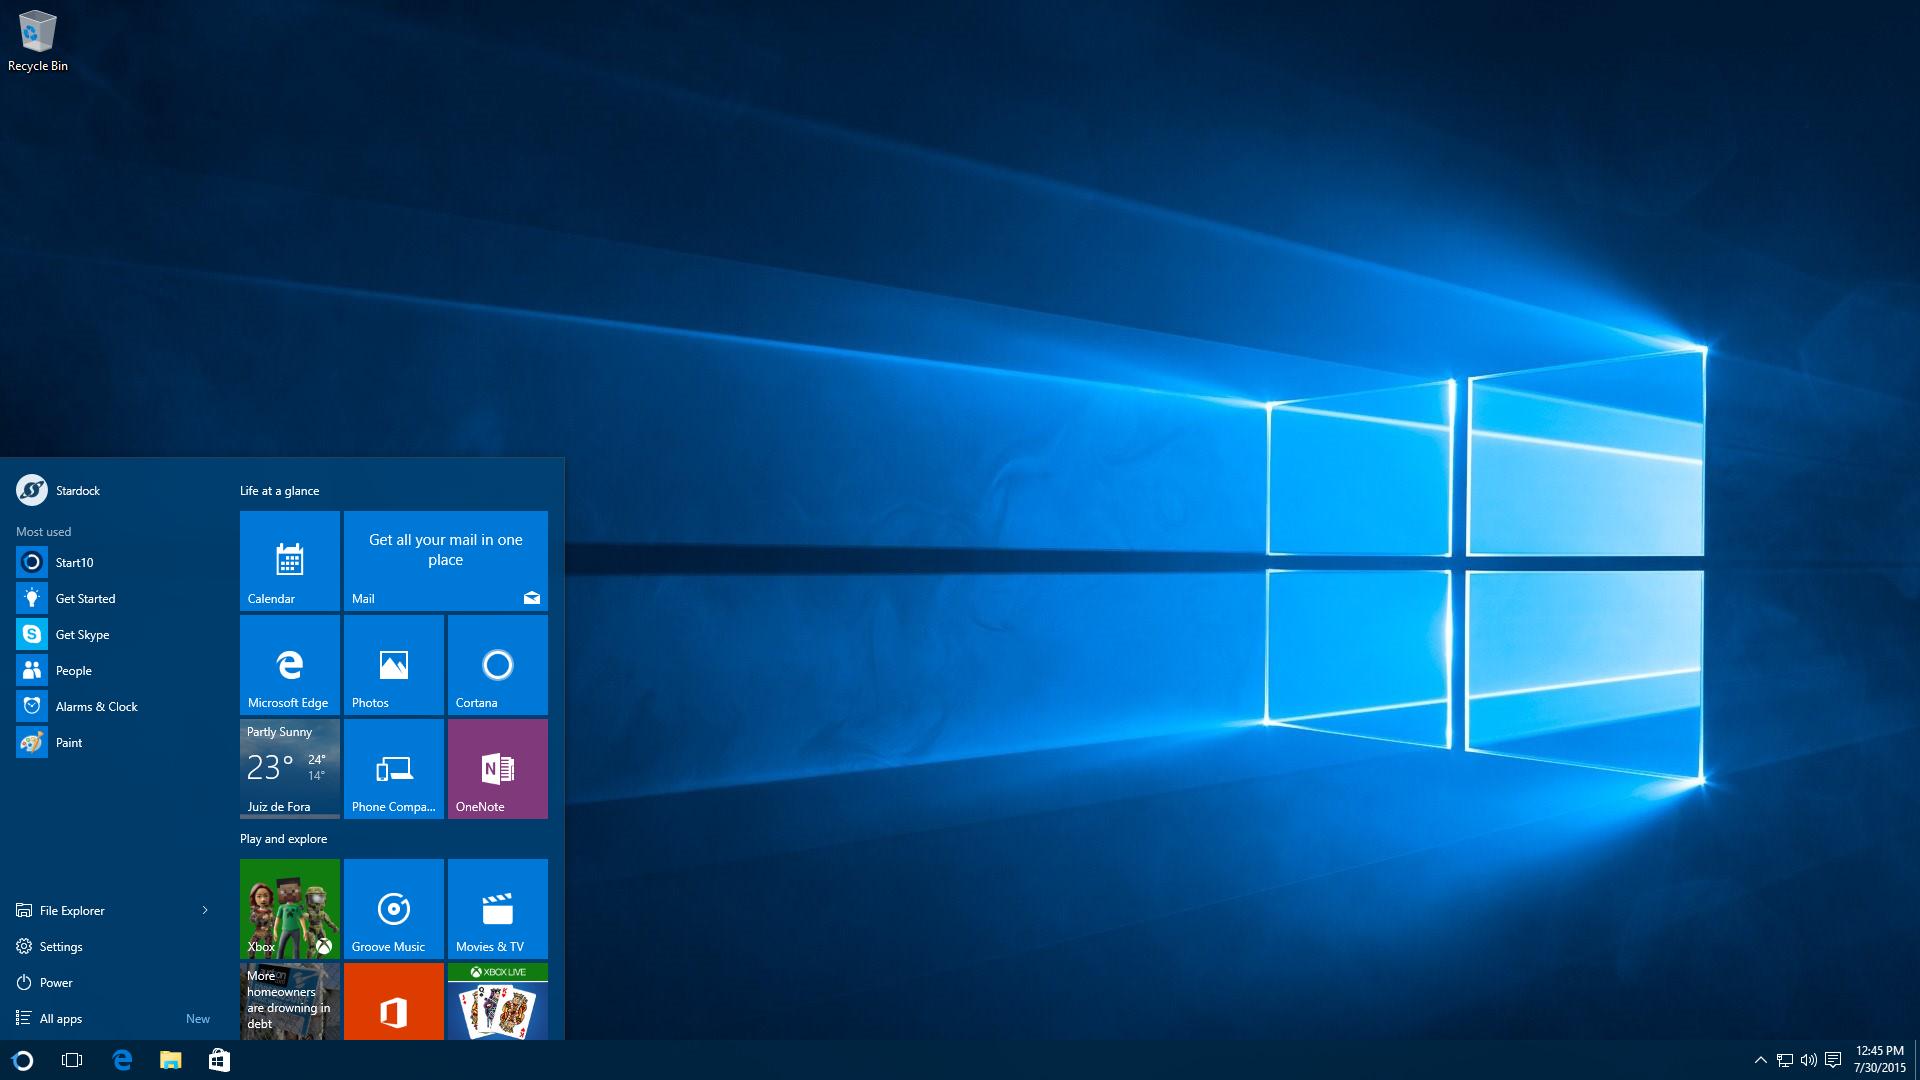 Reset Windows 10 khôi phục về ban đầu không cần dùng đĩa